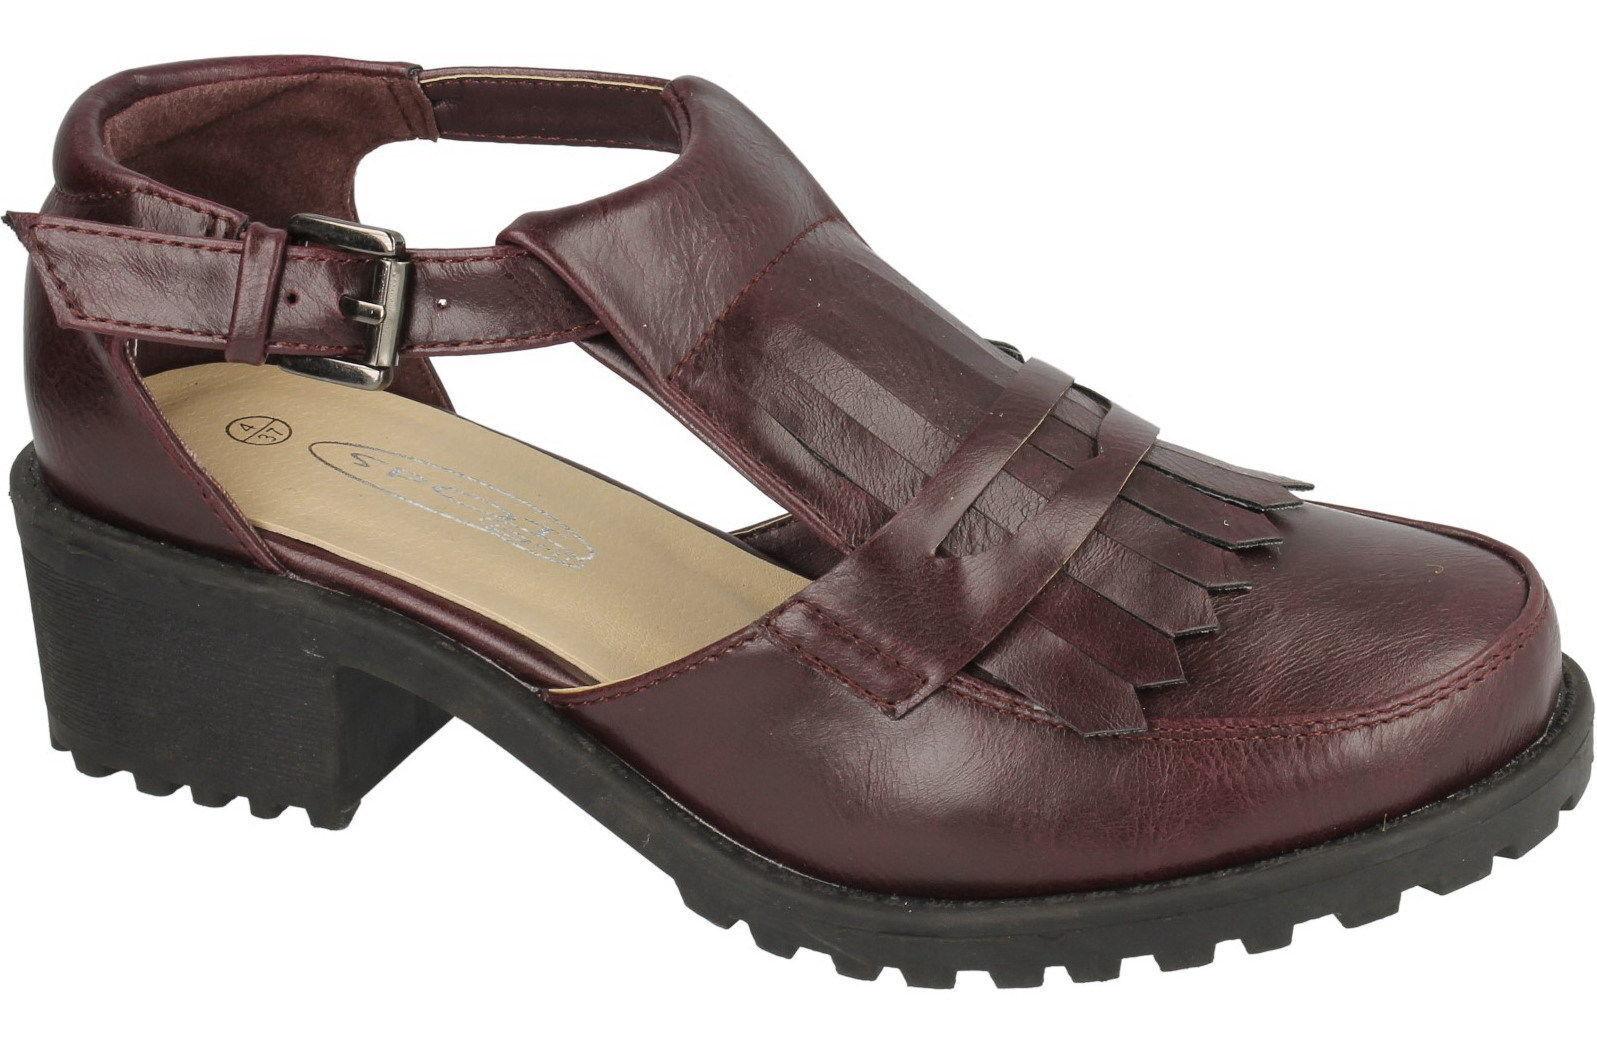 Spot on f9728 Damen Schuhe Weinrot Uk Größen 3 to 8 (R27B)